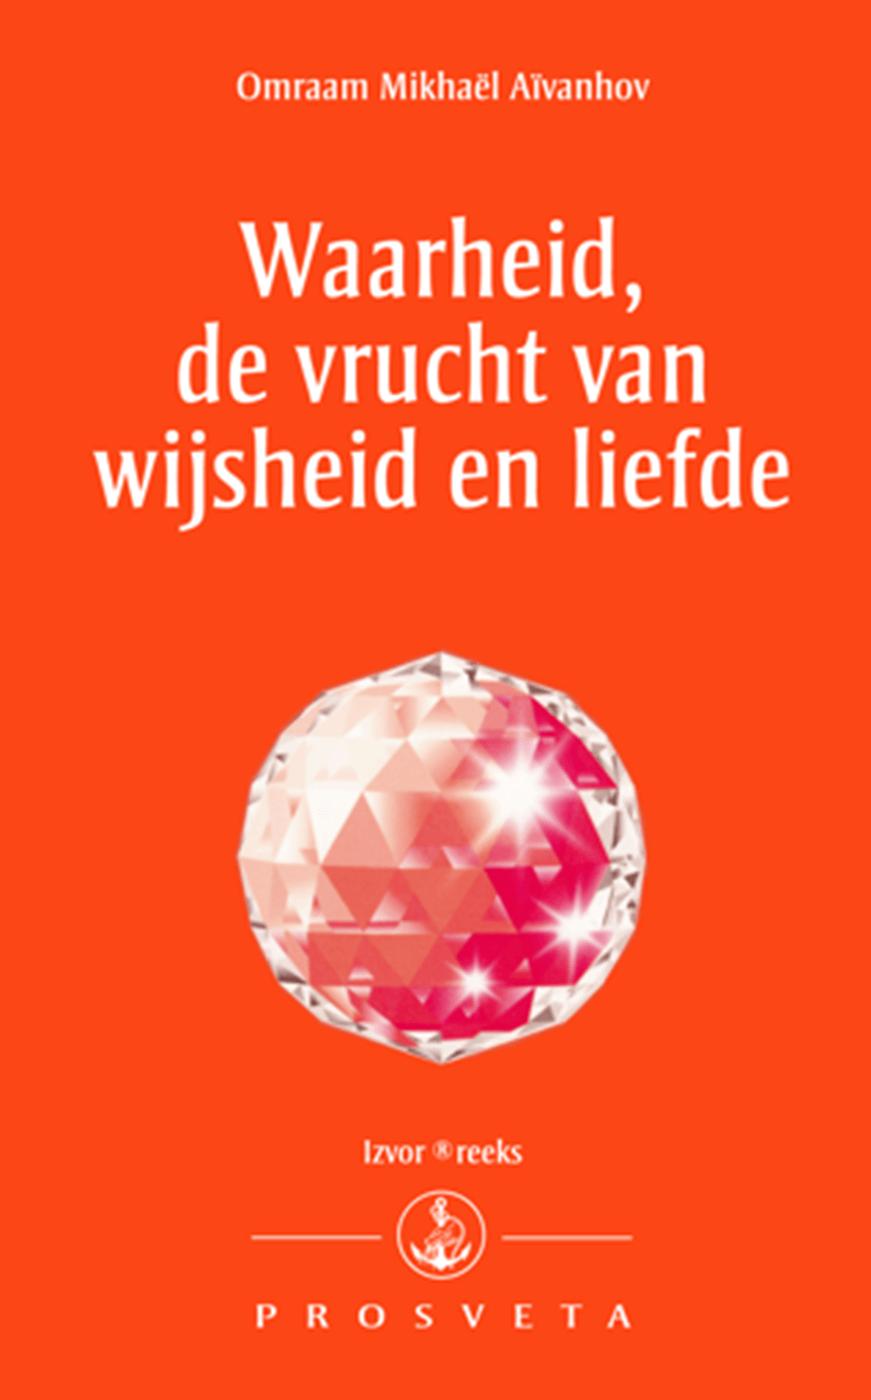 Uitgeverij Prosveta Nederland - Waarheid, de vrucht van wijsheid en liefde